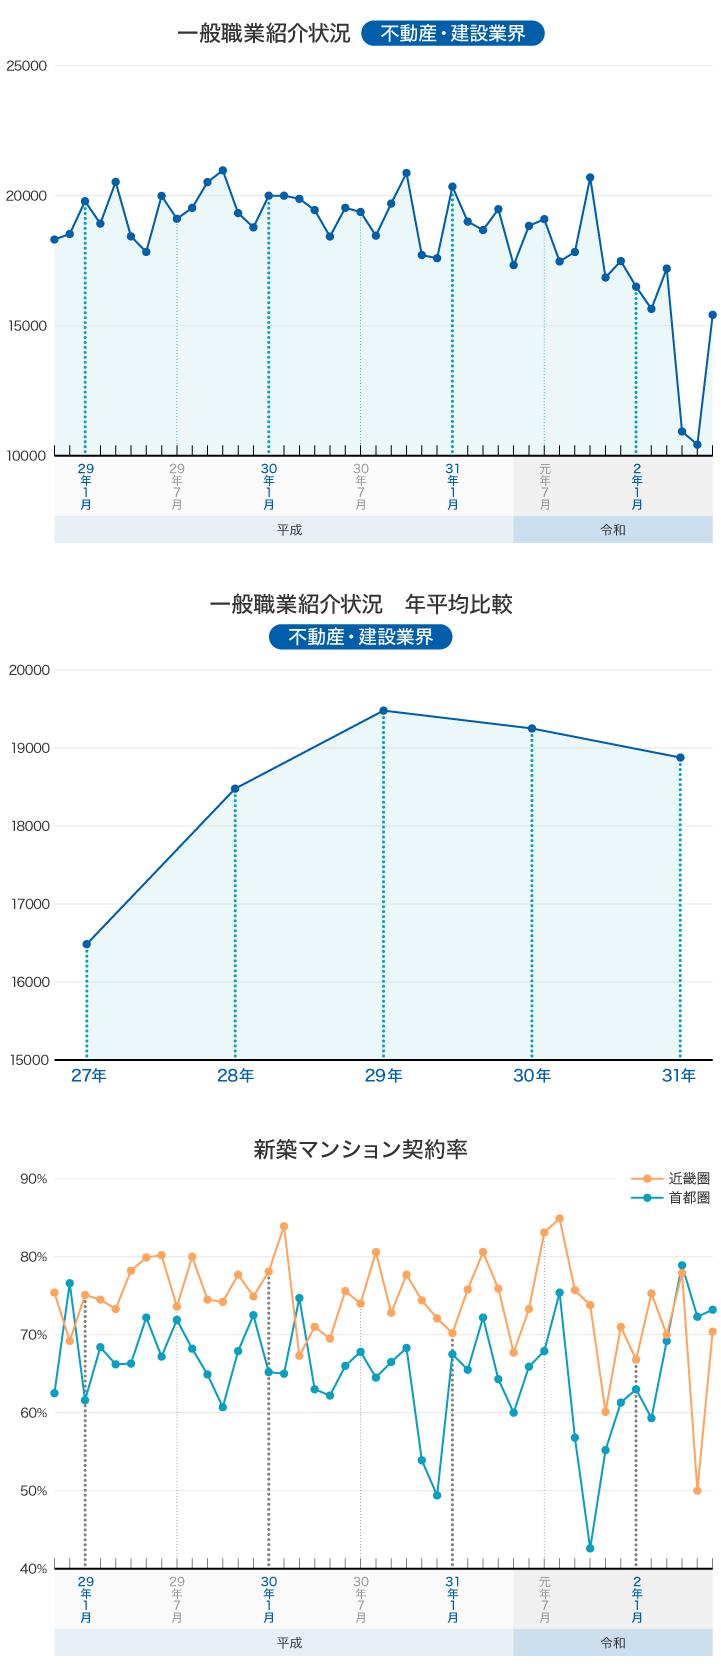 厚生労働省 一般職業紹介状況について 新築マンション契約率 グラフ